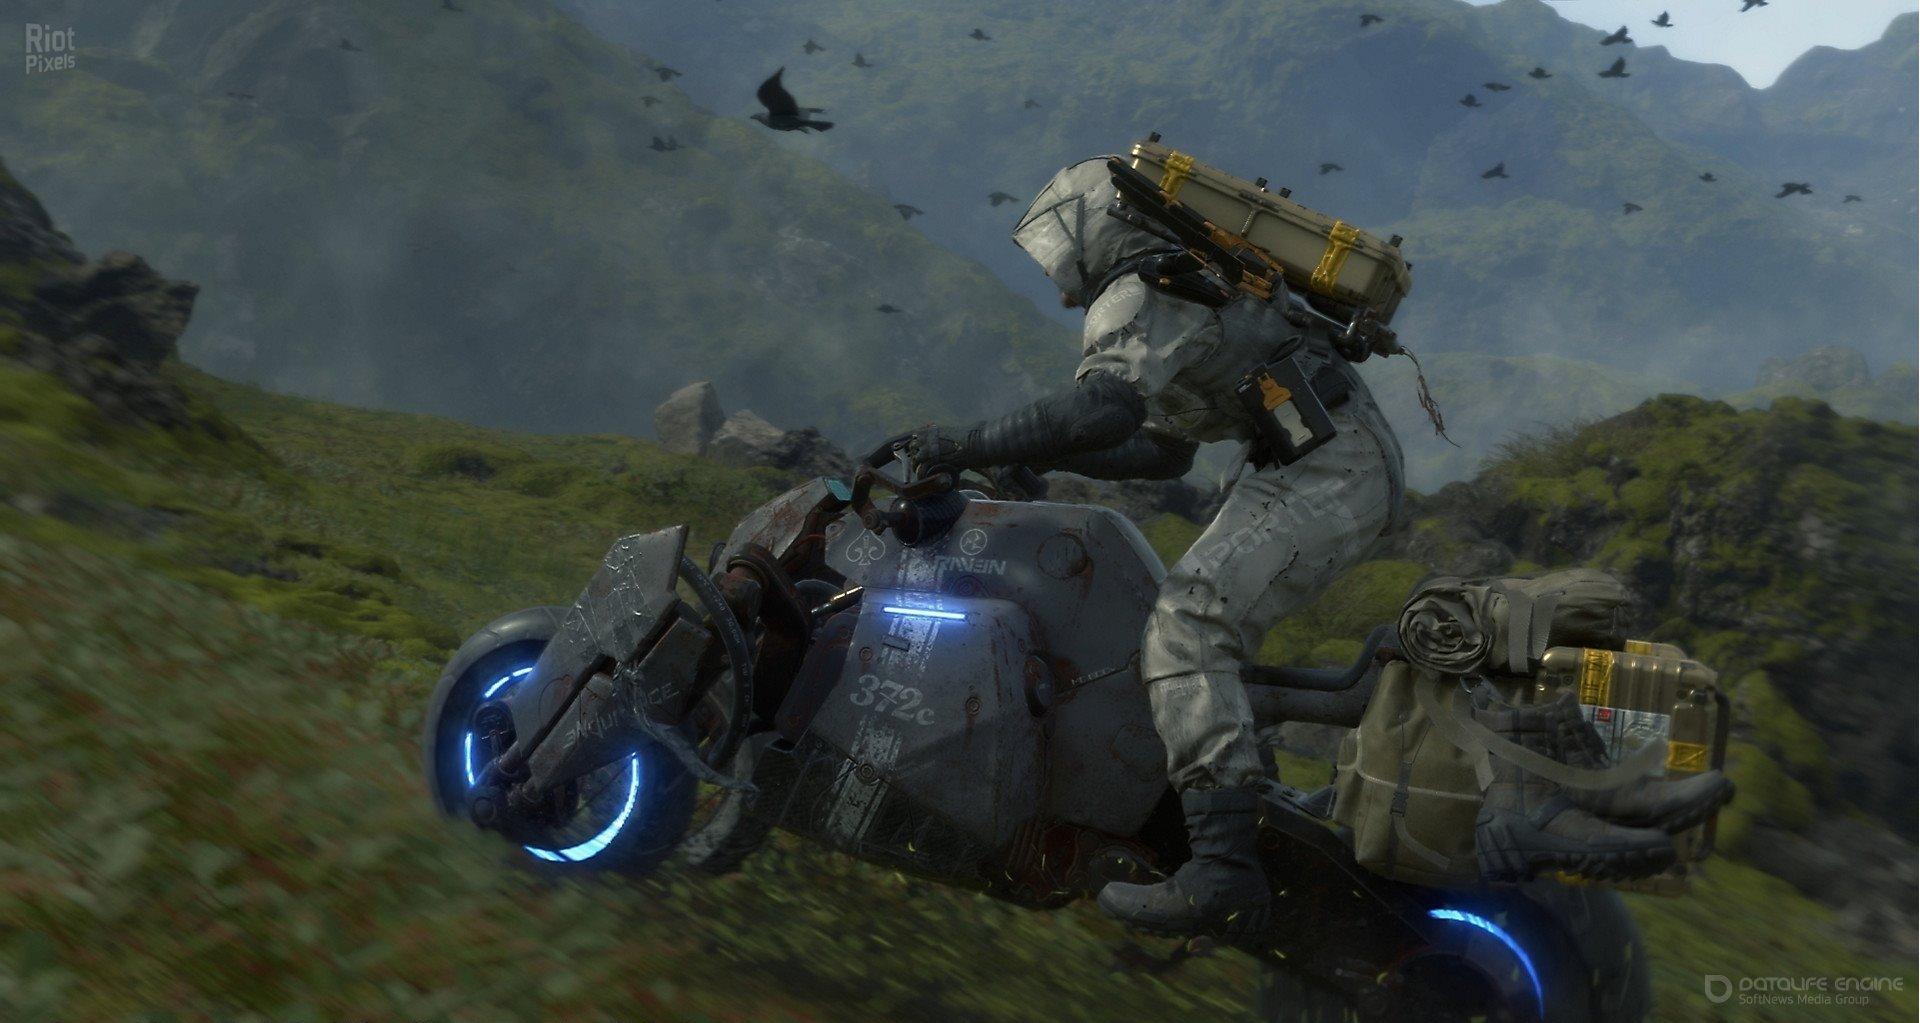 Скриншот к игре DEATH STRANDING [v. 1.06 HotFix +DLC] (2020) скачать торрент RePack от R.G. Механики